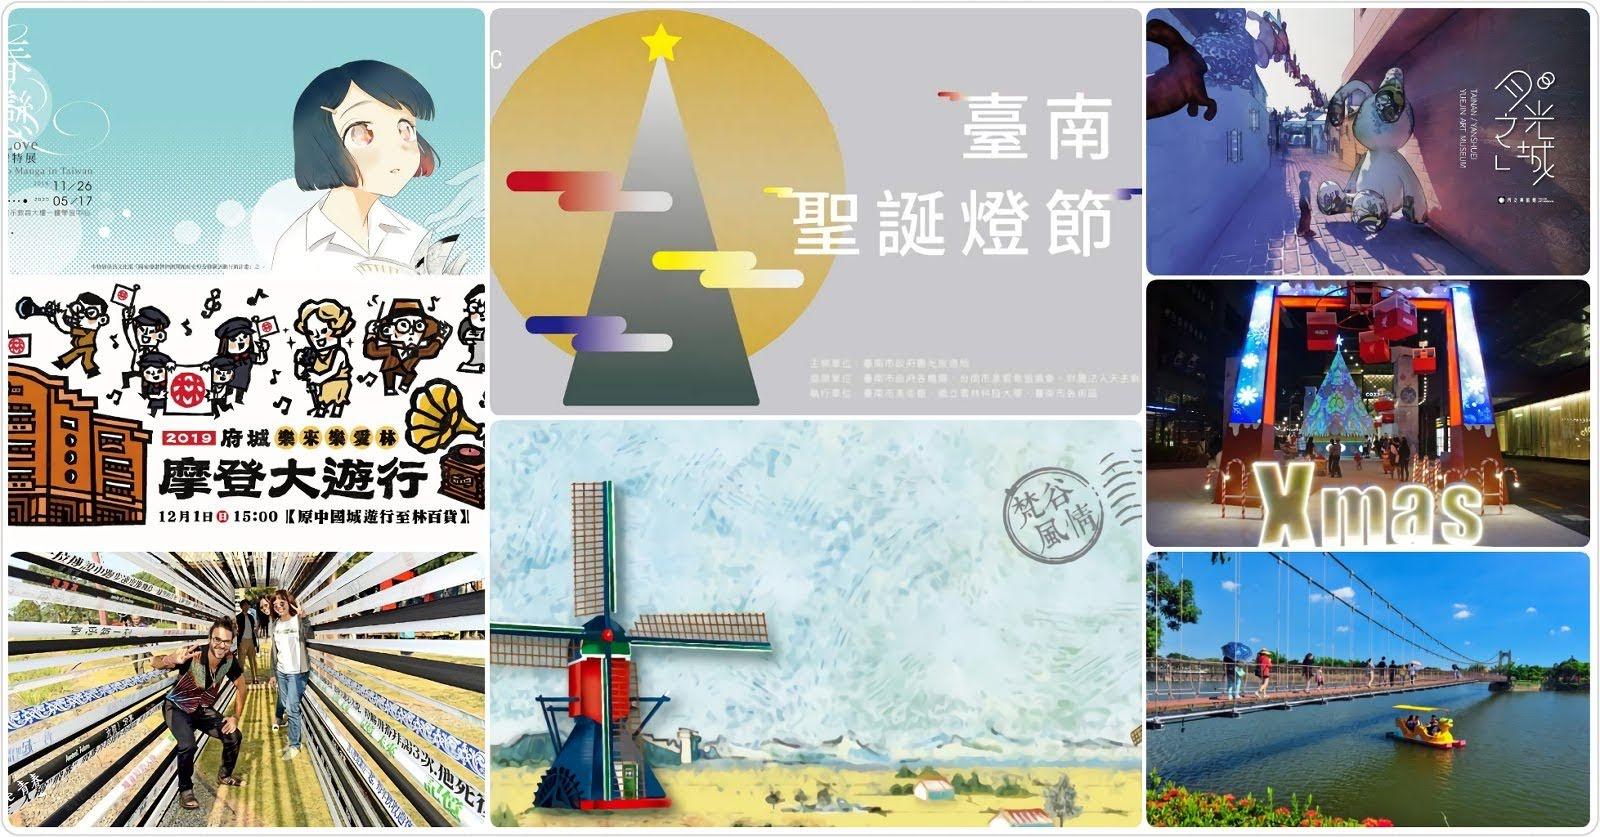 [活動] 2019 11/29-/12/1 台南週末活動整理|本週末活動數:54